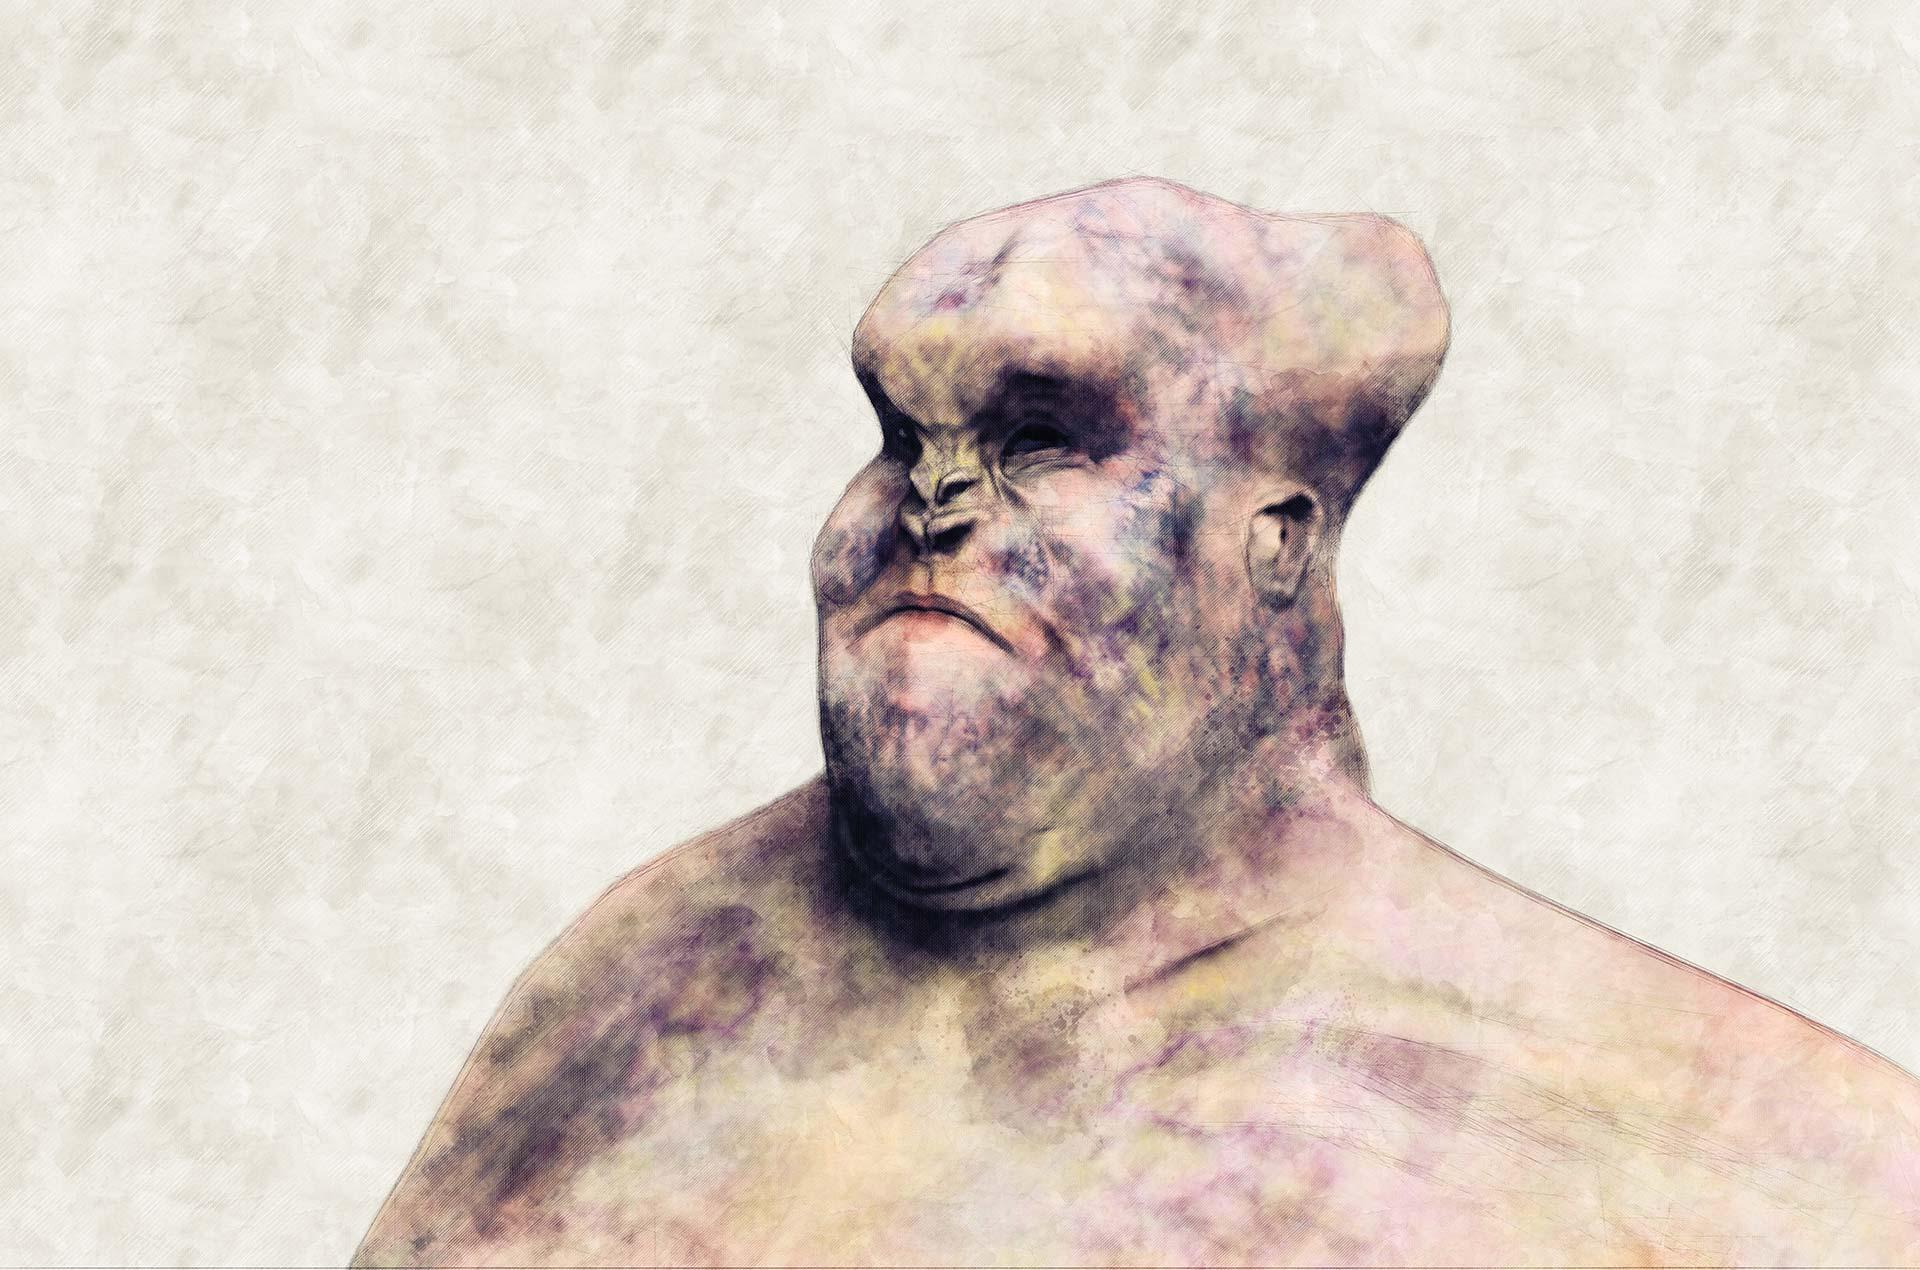 limbitech-concept-design-alien-face